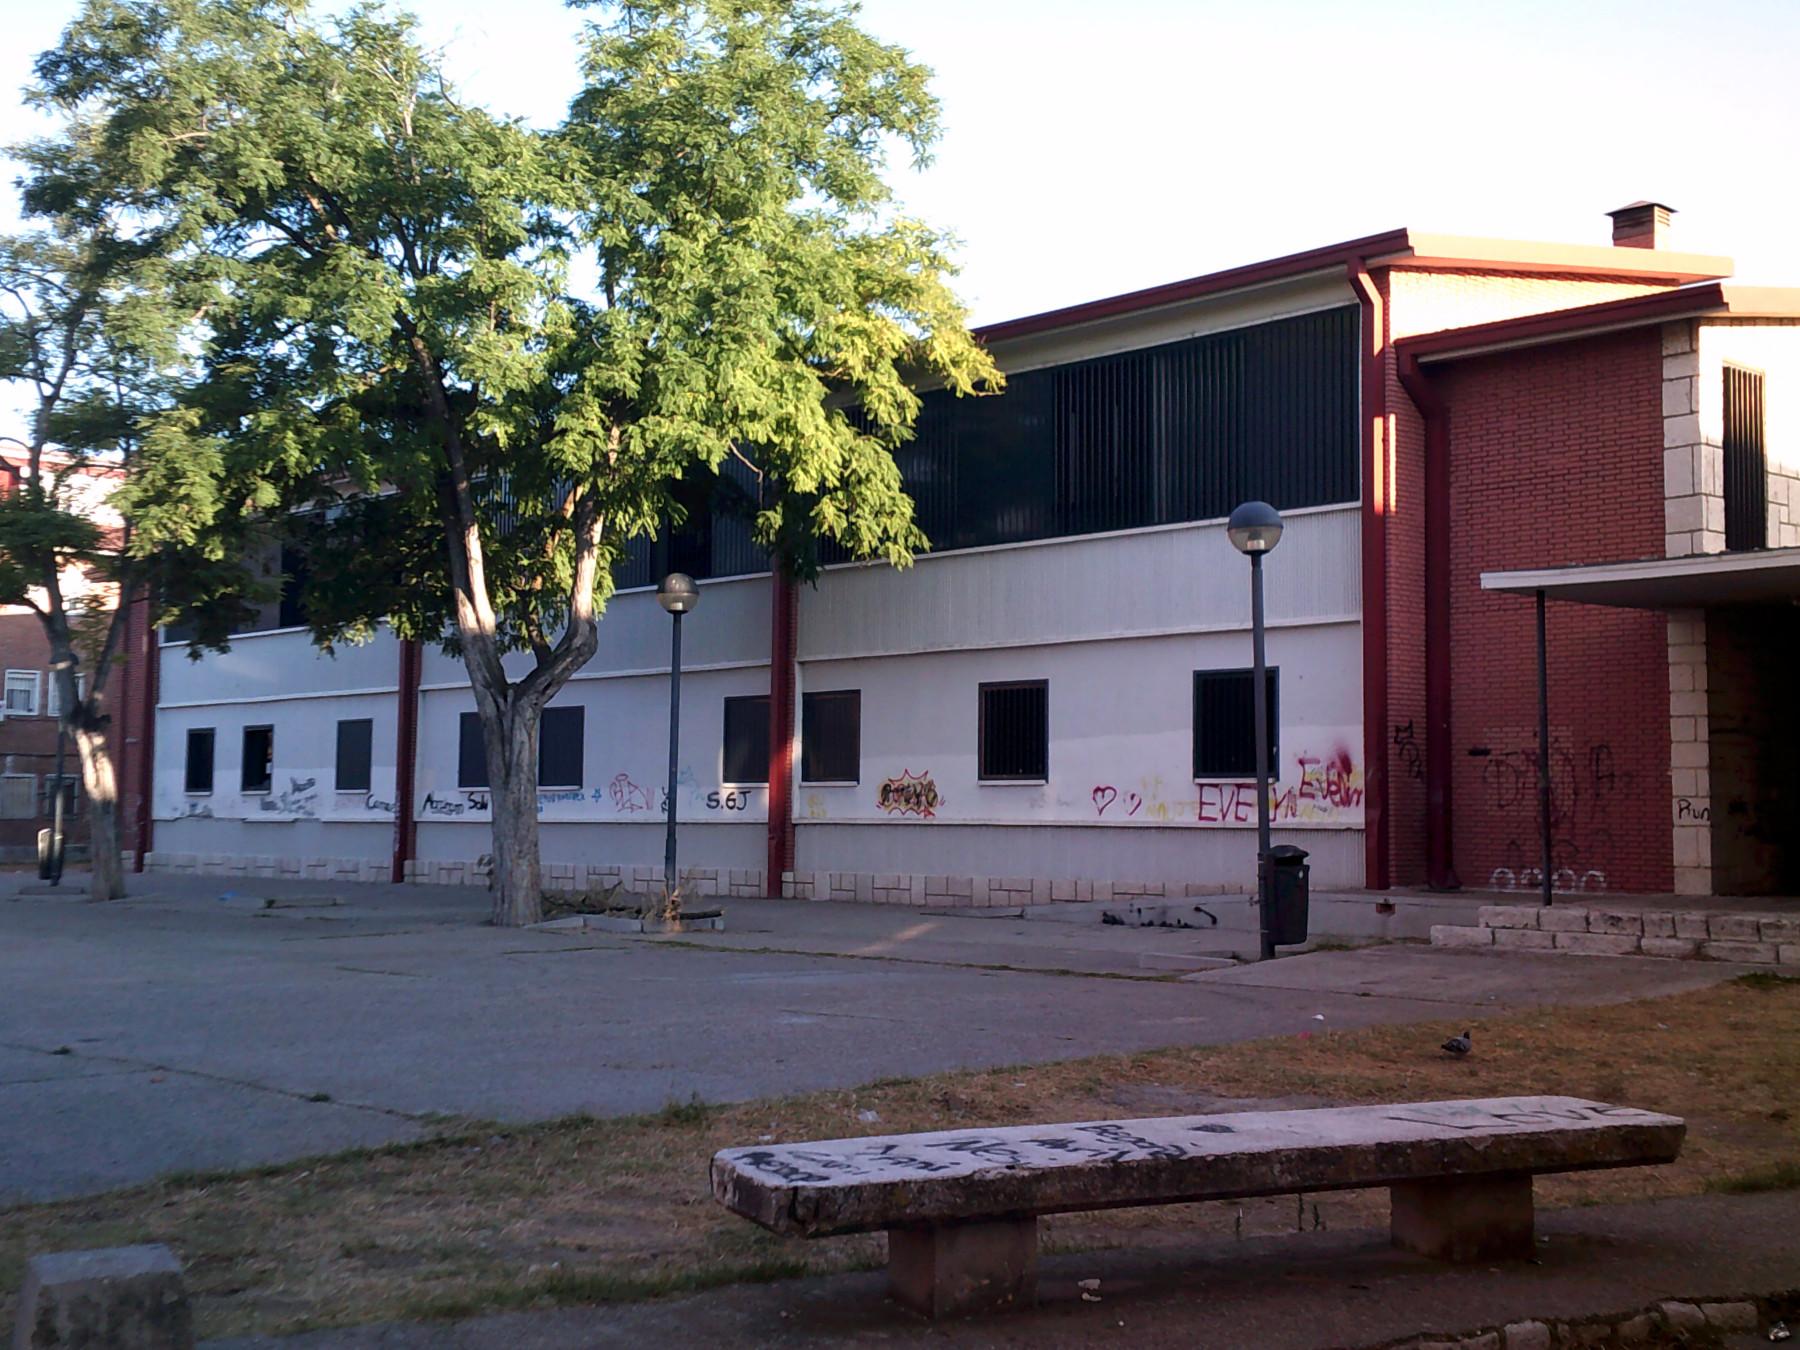 Imagen del CIC Segundo Montes, edificio de dos pisos en la zona Aramburu de Delicias, fachada flanca y ventanas del segundo piso negras.